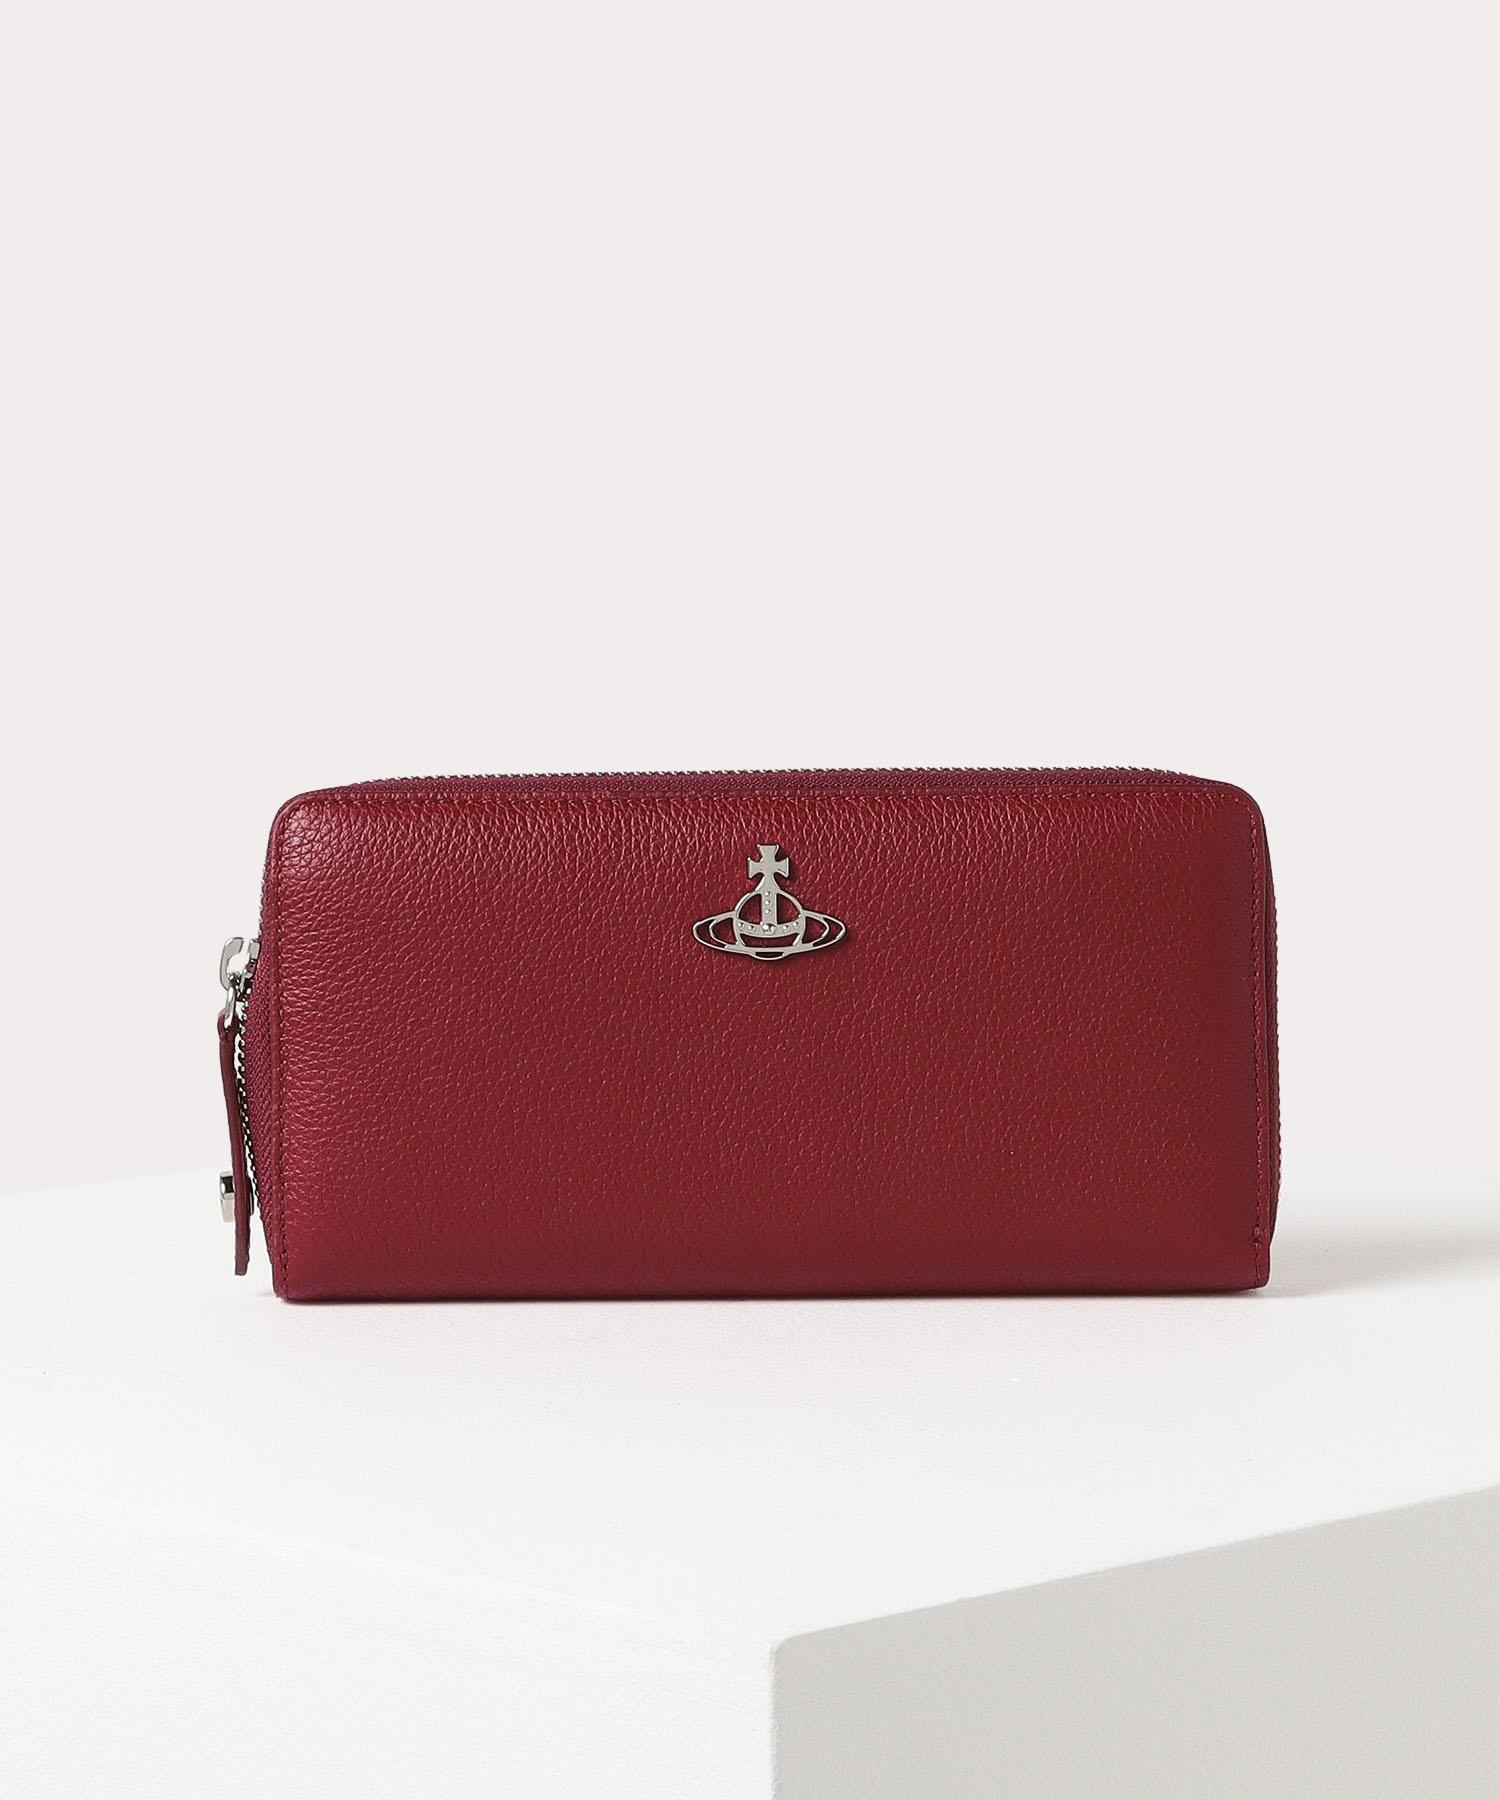 クリスマスプレゼントにおすすめなお財布はヴィヴィアンウエストウッドのJORDANです